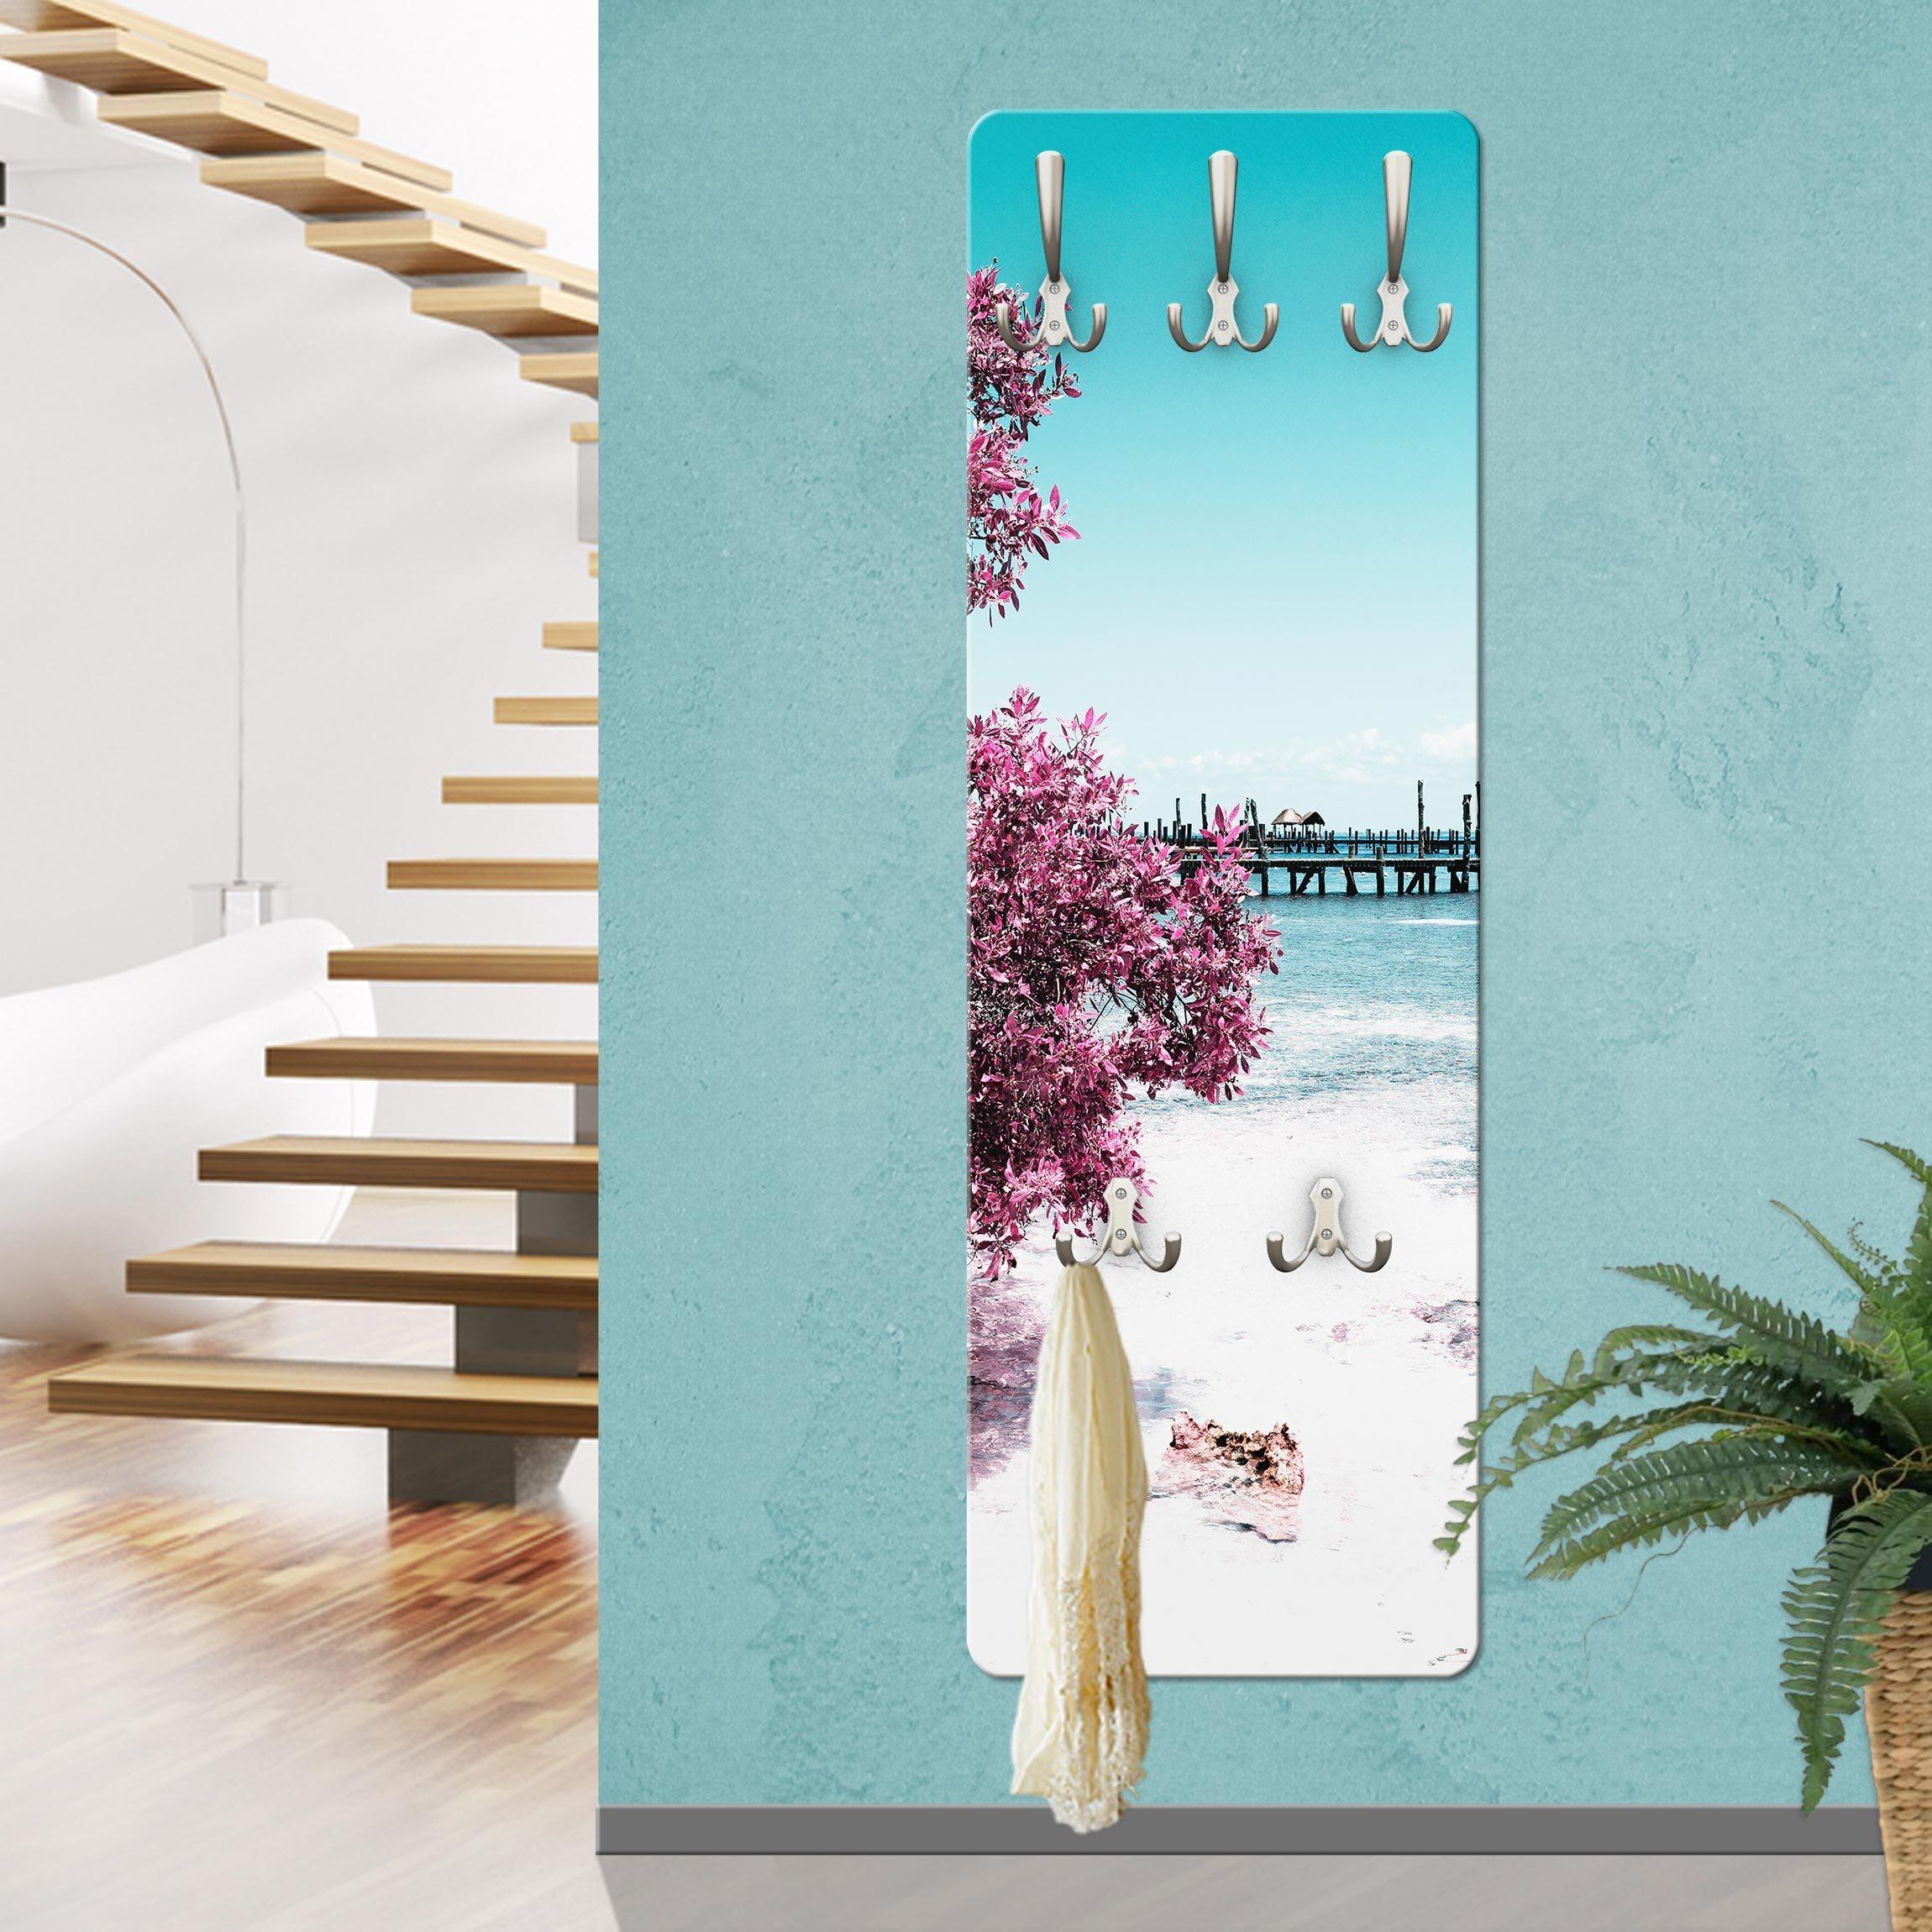 Bilderwelten Wandgarderobe »Paradies Strand Isla Mujeres« | Flur & Diele > Garderoben > Garderobenhaken | Weiß - Matt | Holz - Faserplatte - Metall | Bilderwelten